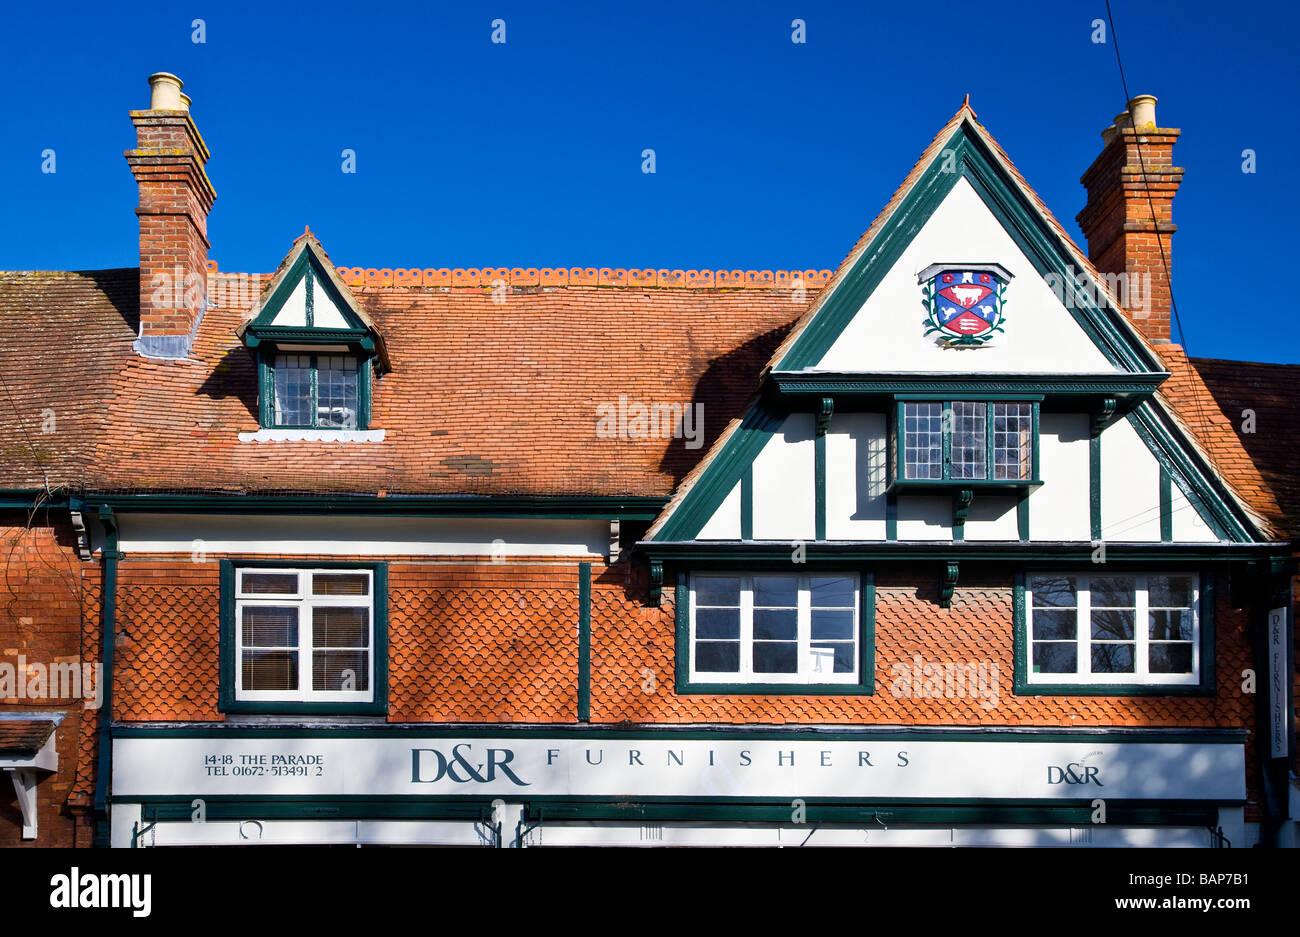 Einem halben gerahmte Holzhaus mit Gaube, Erker Fenster und vertikale Kachel Verkleidung in Marlborough Wiltshire Stockbild